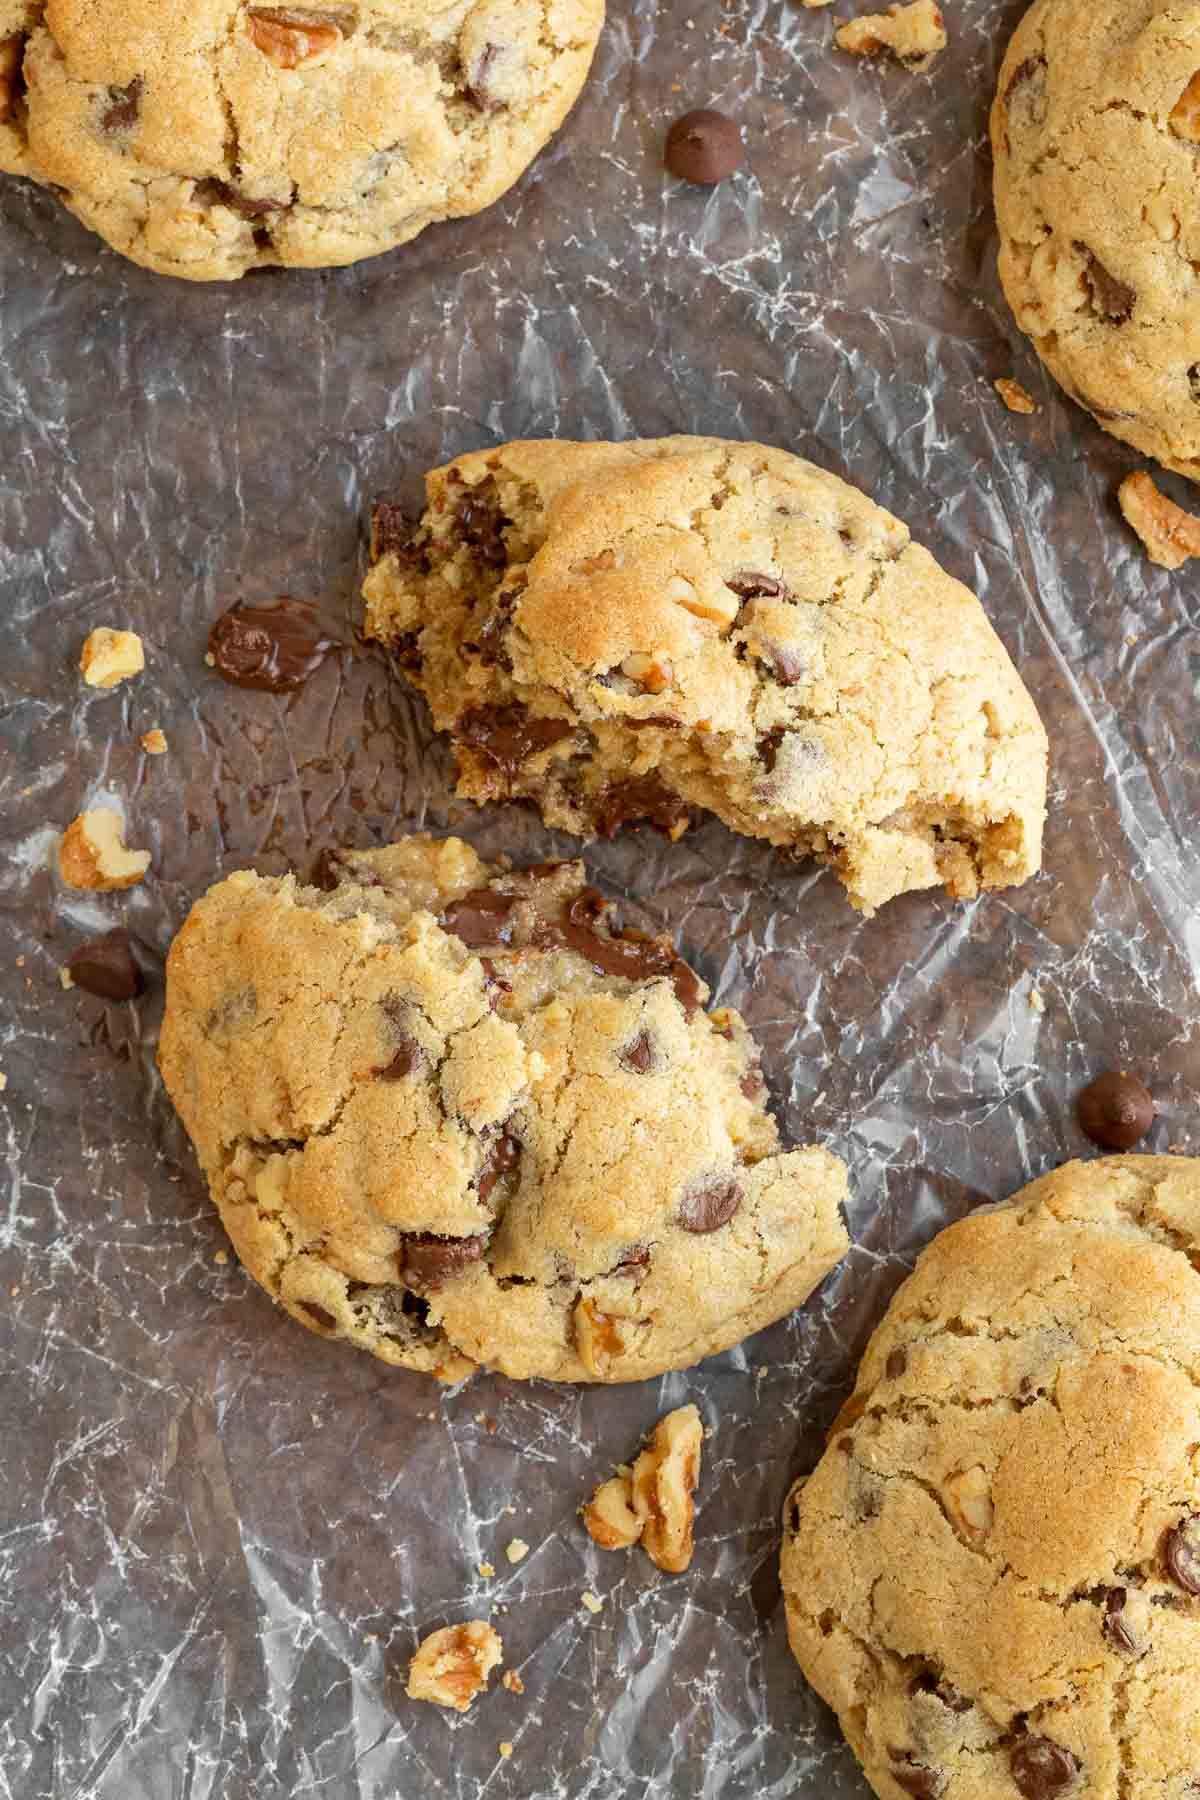 Levain Chocolate Chip Cookies broken in half on baking sheet